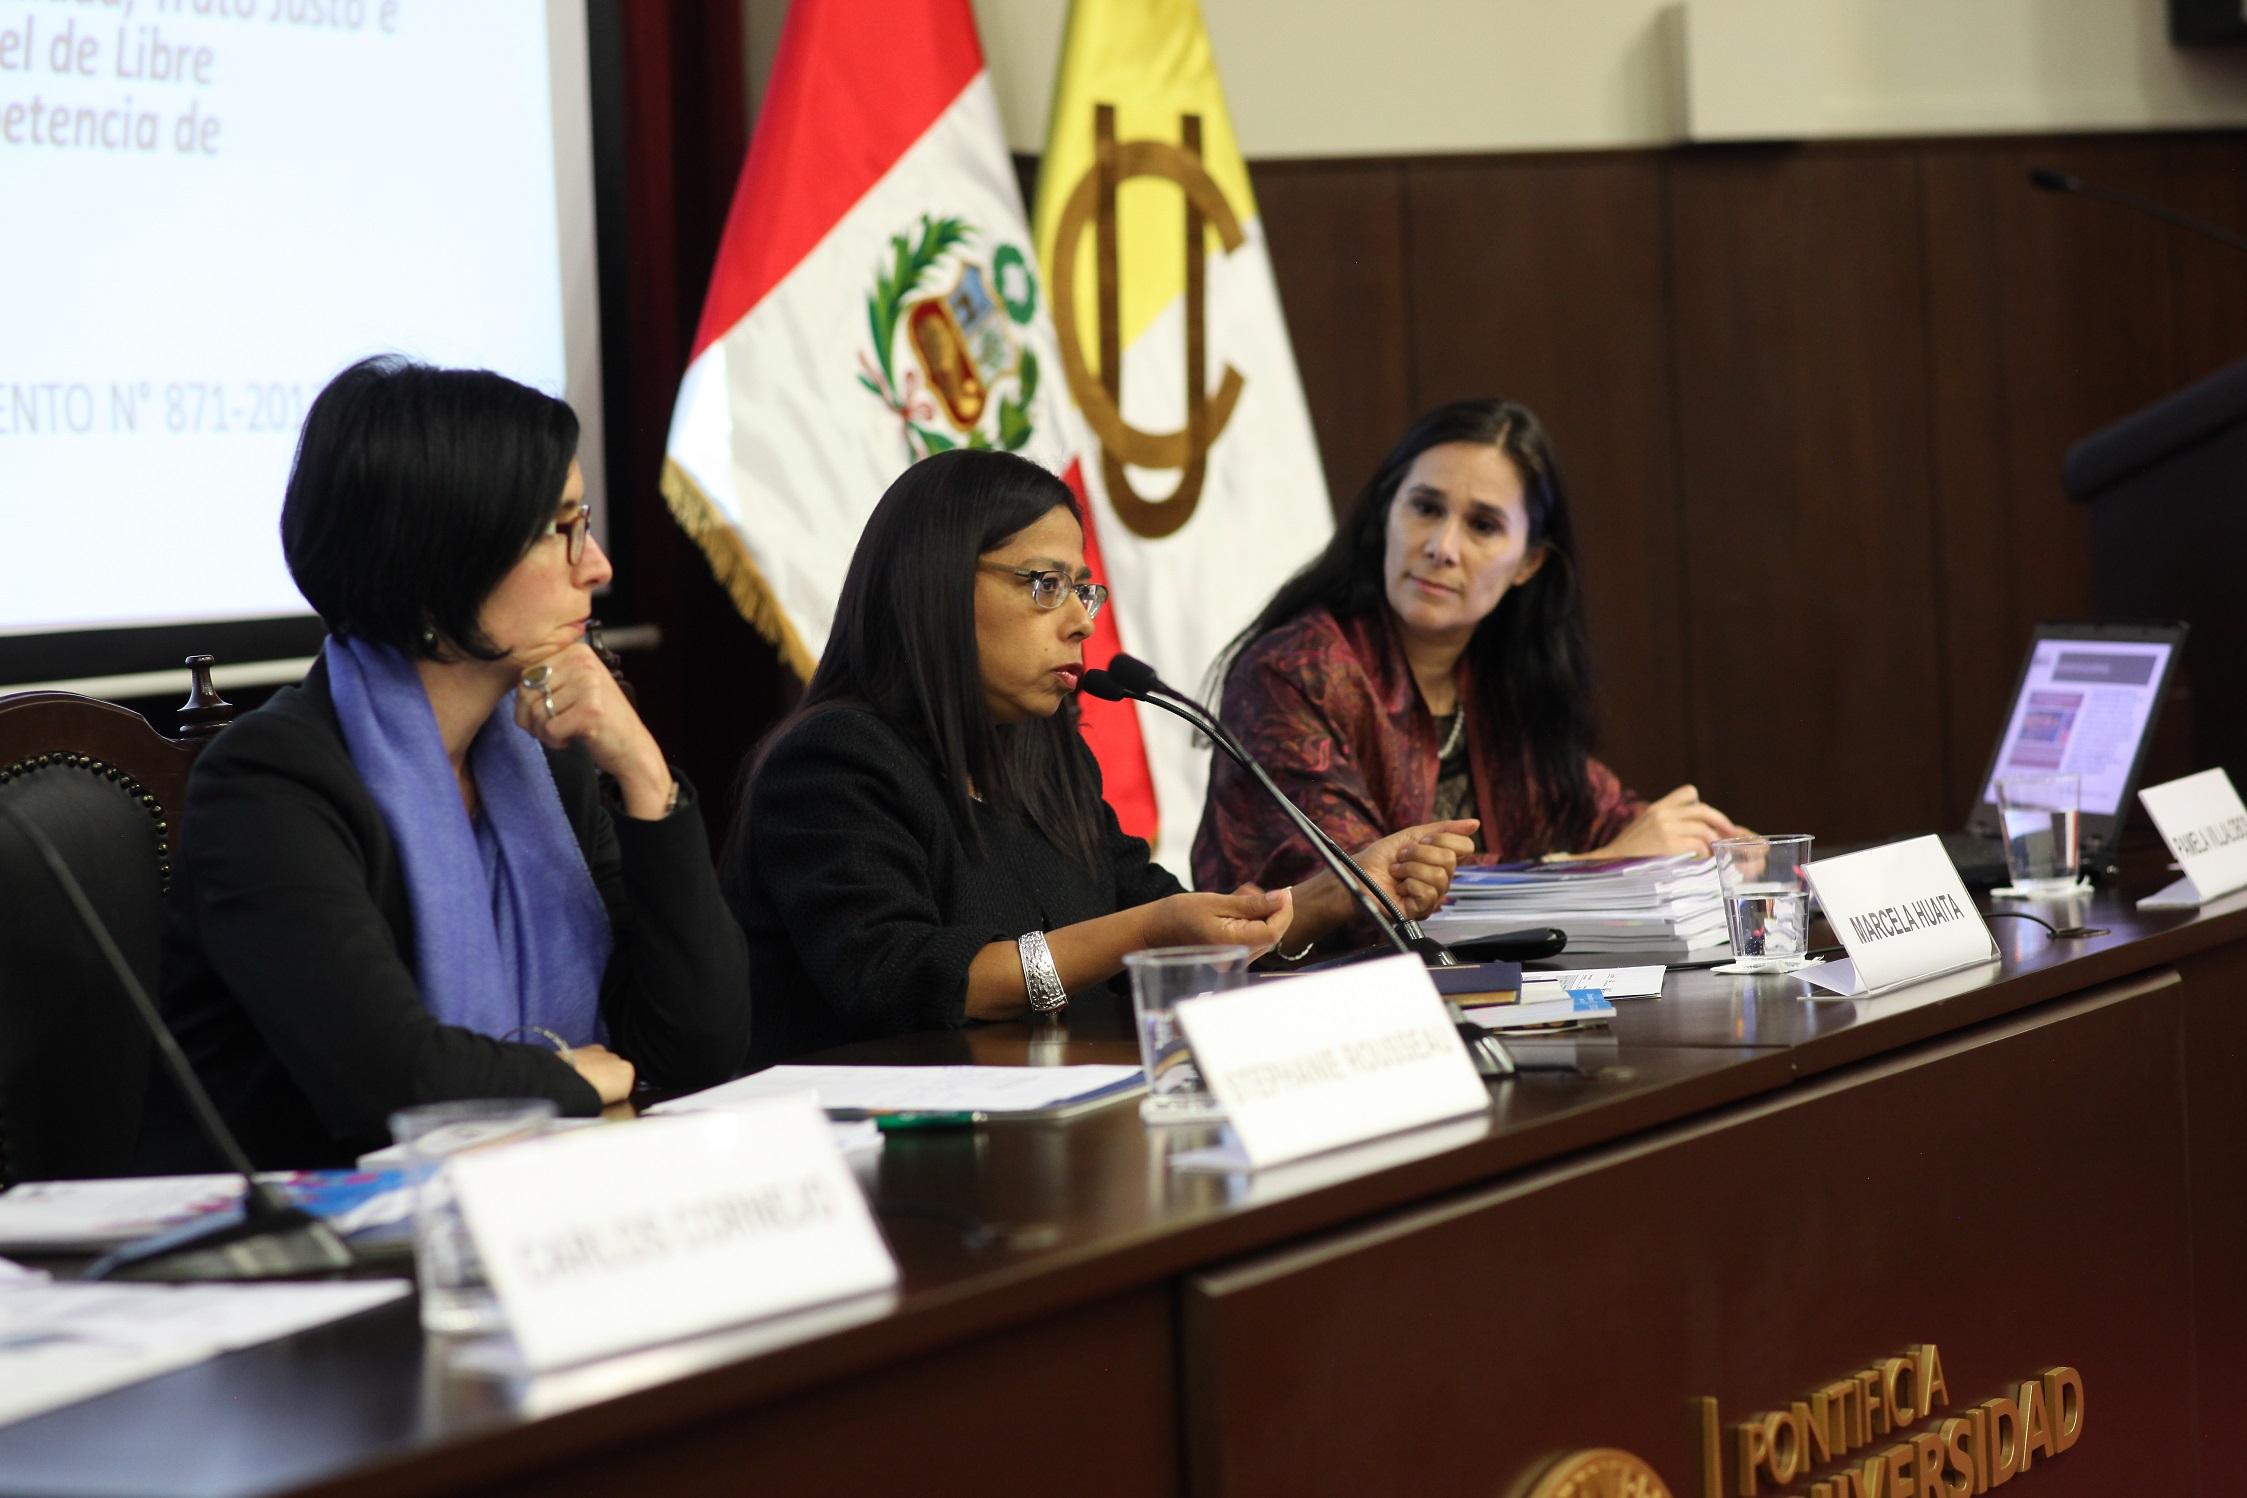 En Perú se analiza el aporte del enfoque de género dentro del paradigma de los derechos humanos y sus implicancias para las políticas públicas